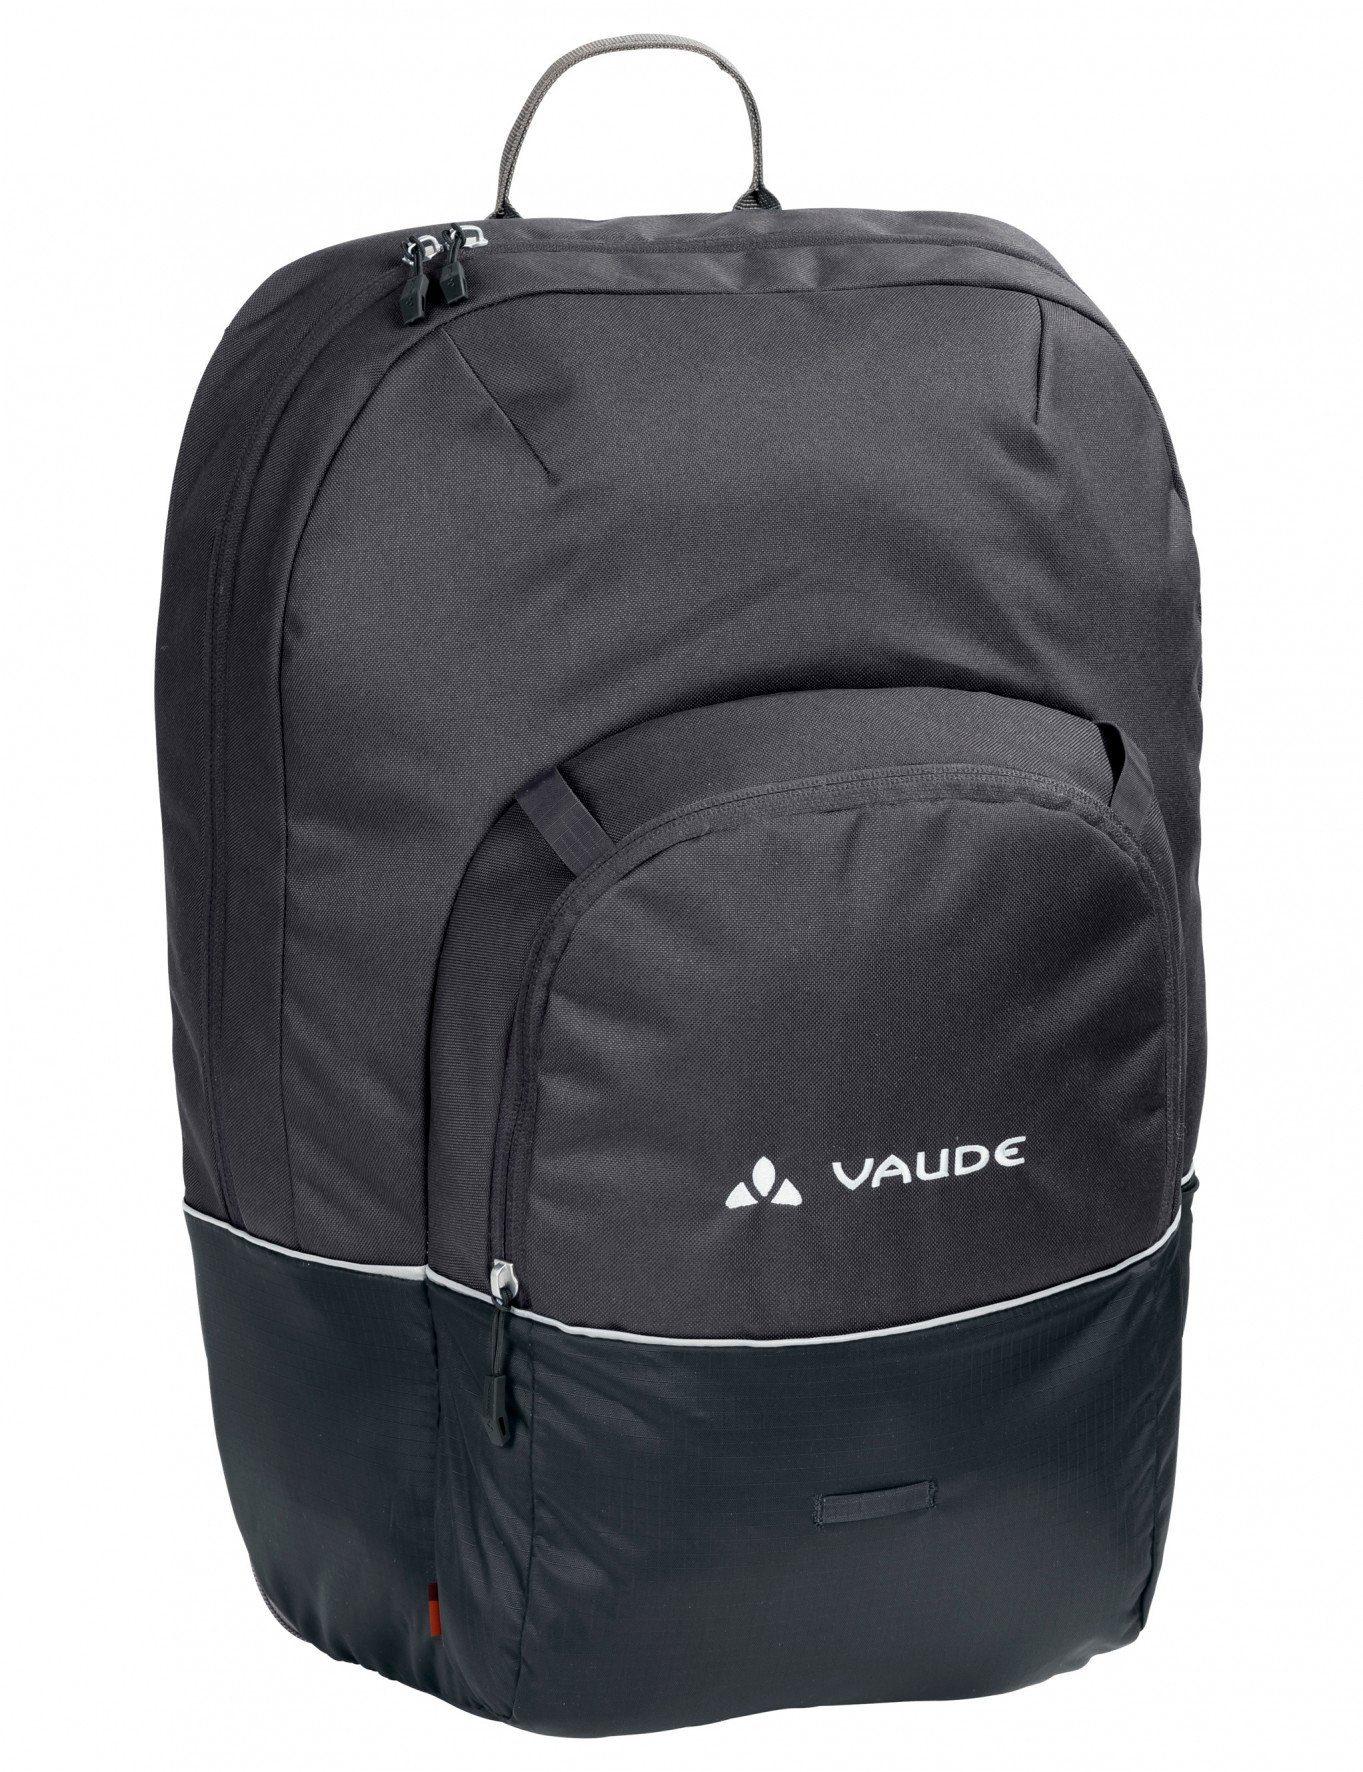 VAUDE Gepäckträgertasche »Cycle 22 2in1 Daypack«